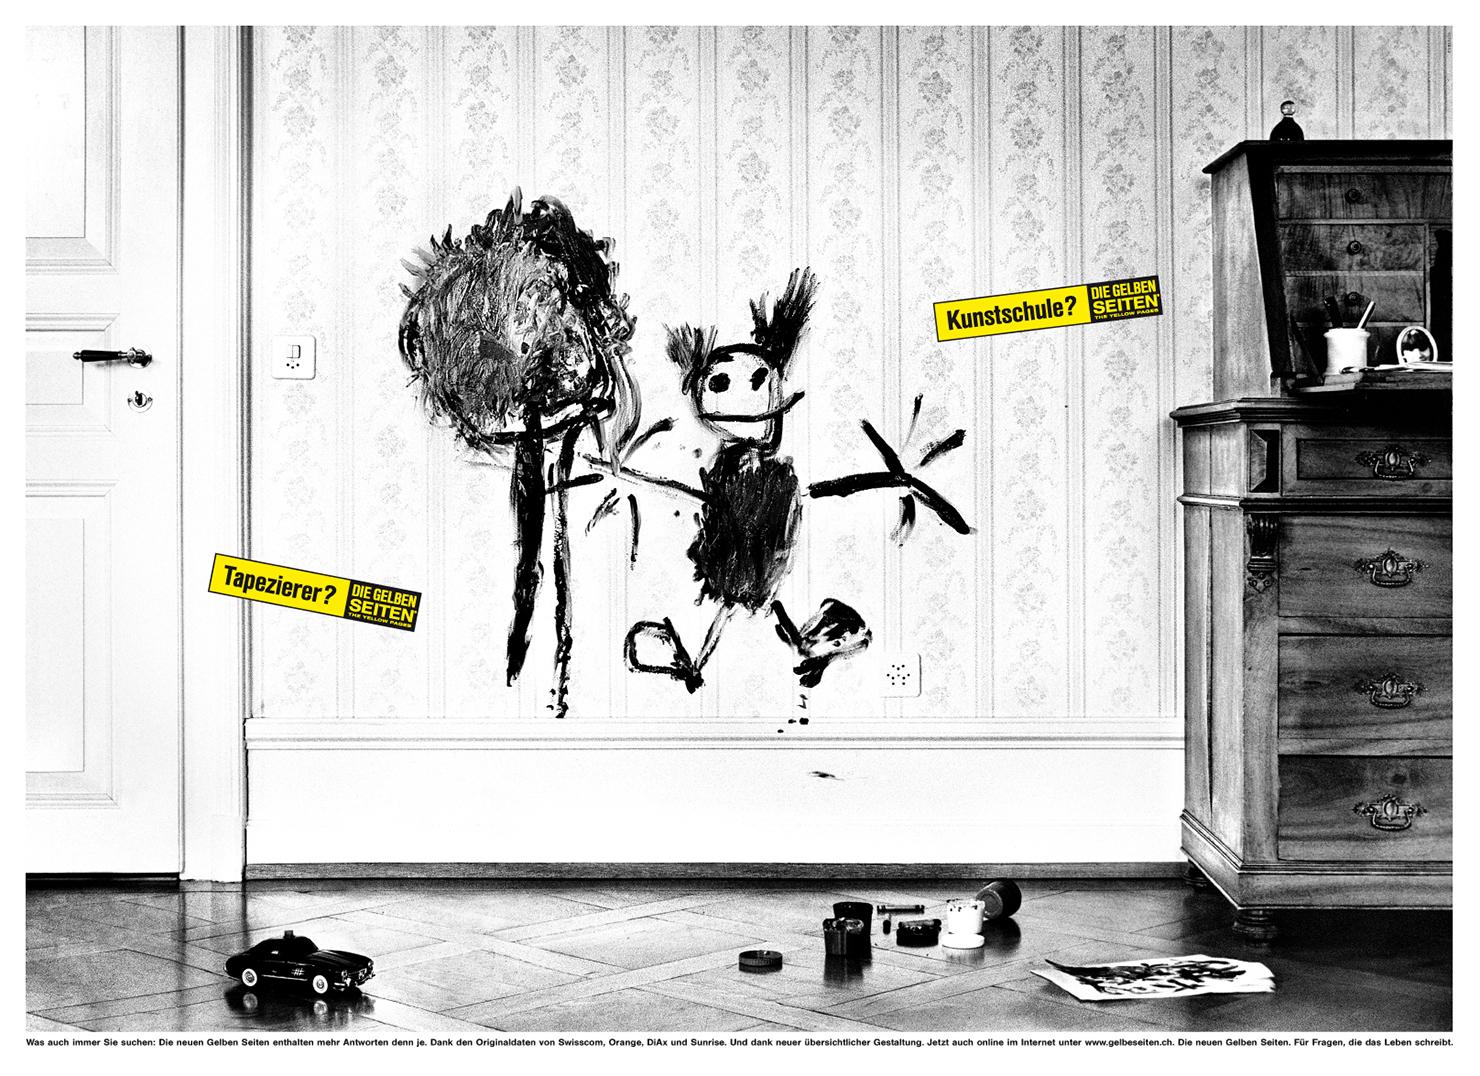 LTV_Anzeige_Kunstschule